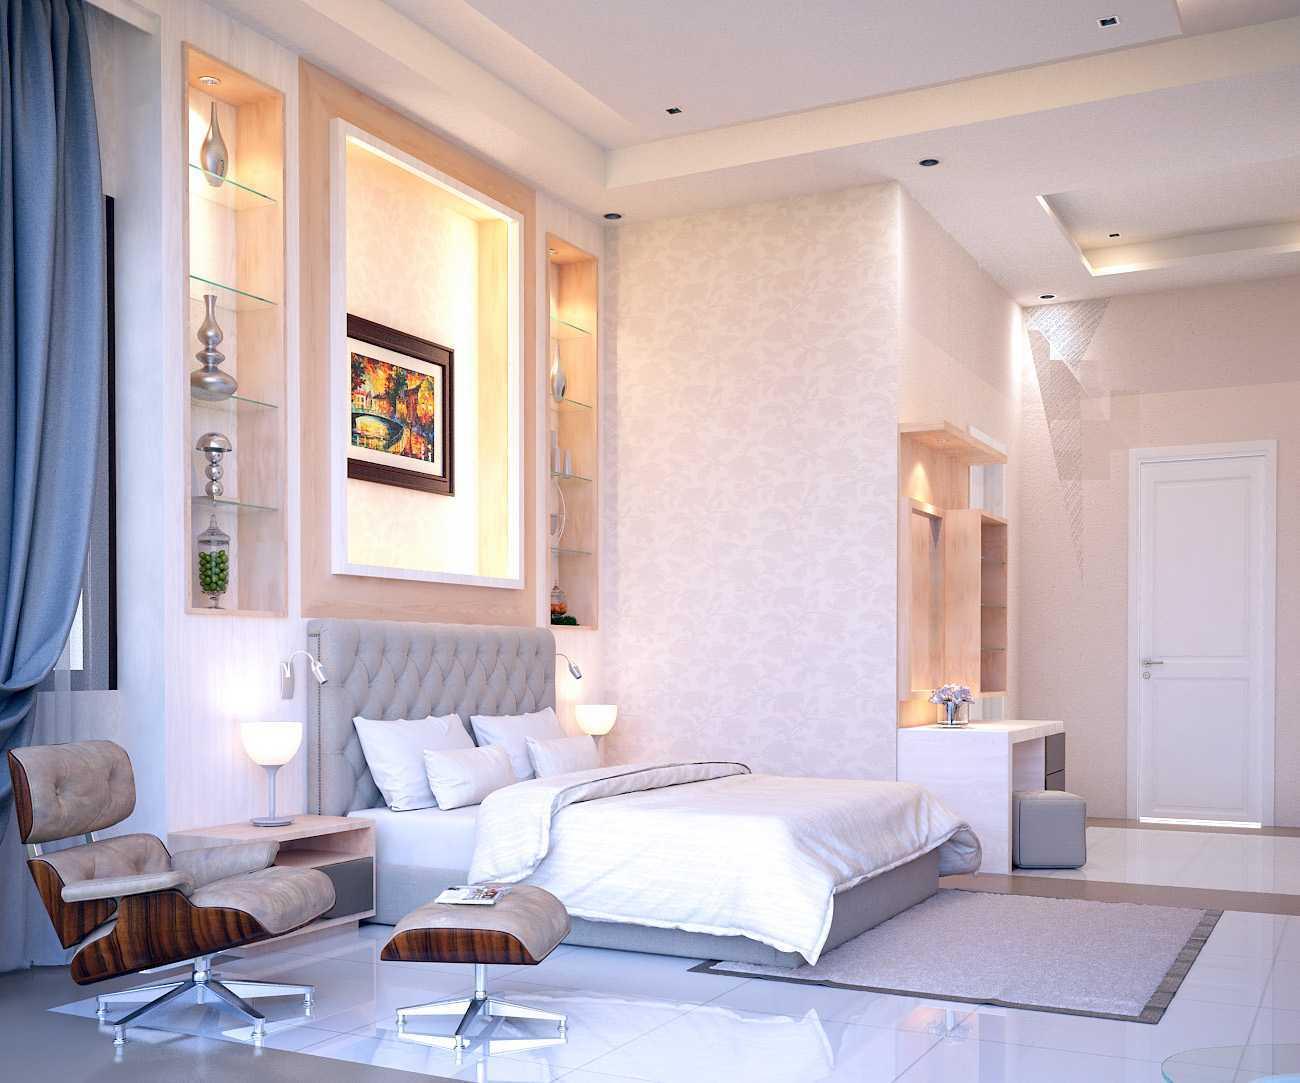 Acia Interior Master Bedroom Banjarmasin, Kota Banjarmasin, Kalimantan Selatan, Indonesia Kabupaten Kapuas, Kalimantan Tengah, Indonesia Acia-Interior-Master-Bedroom   51742